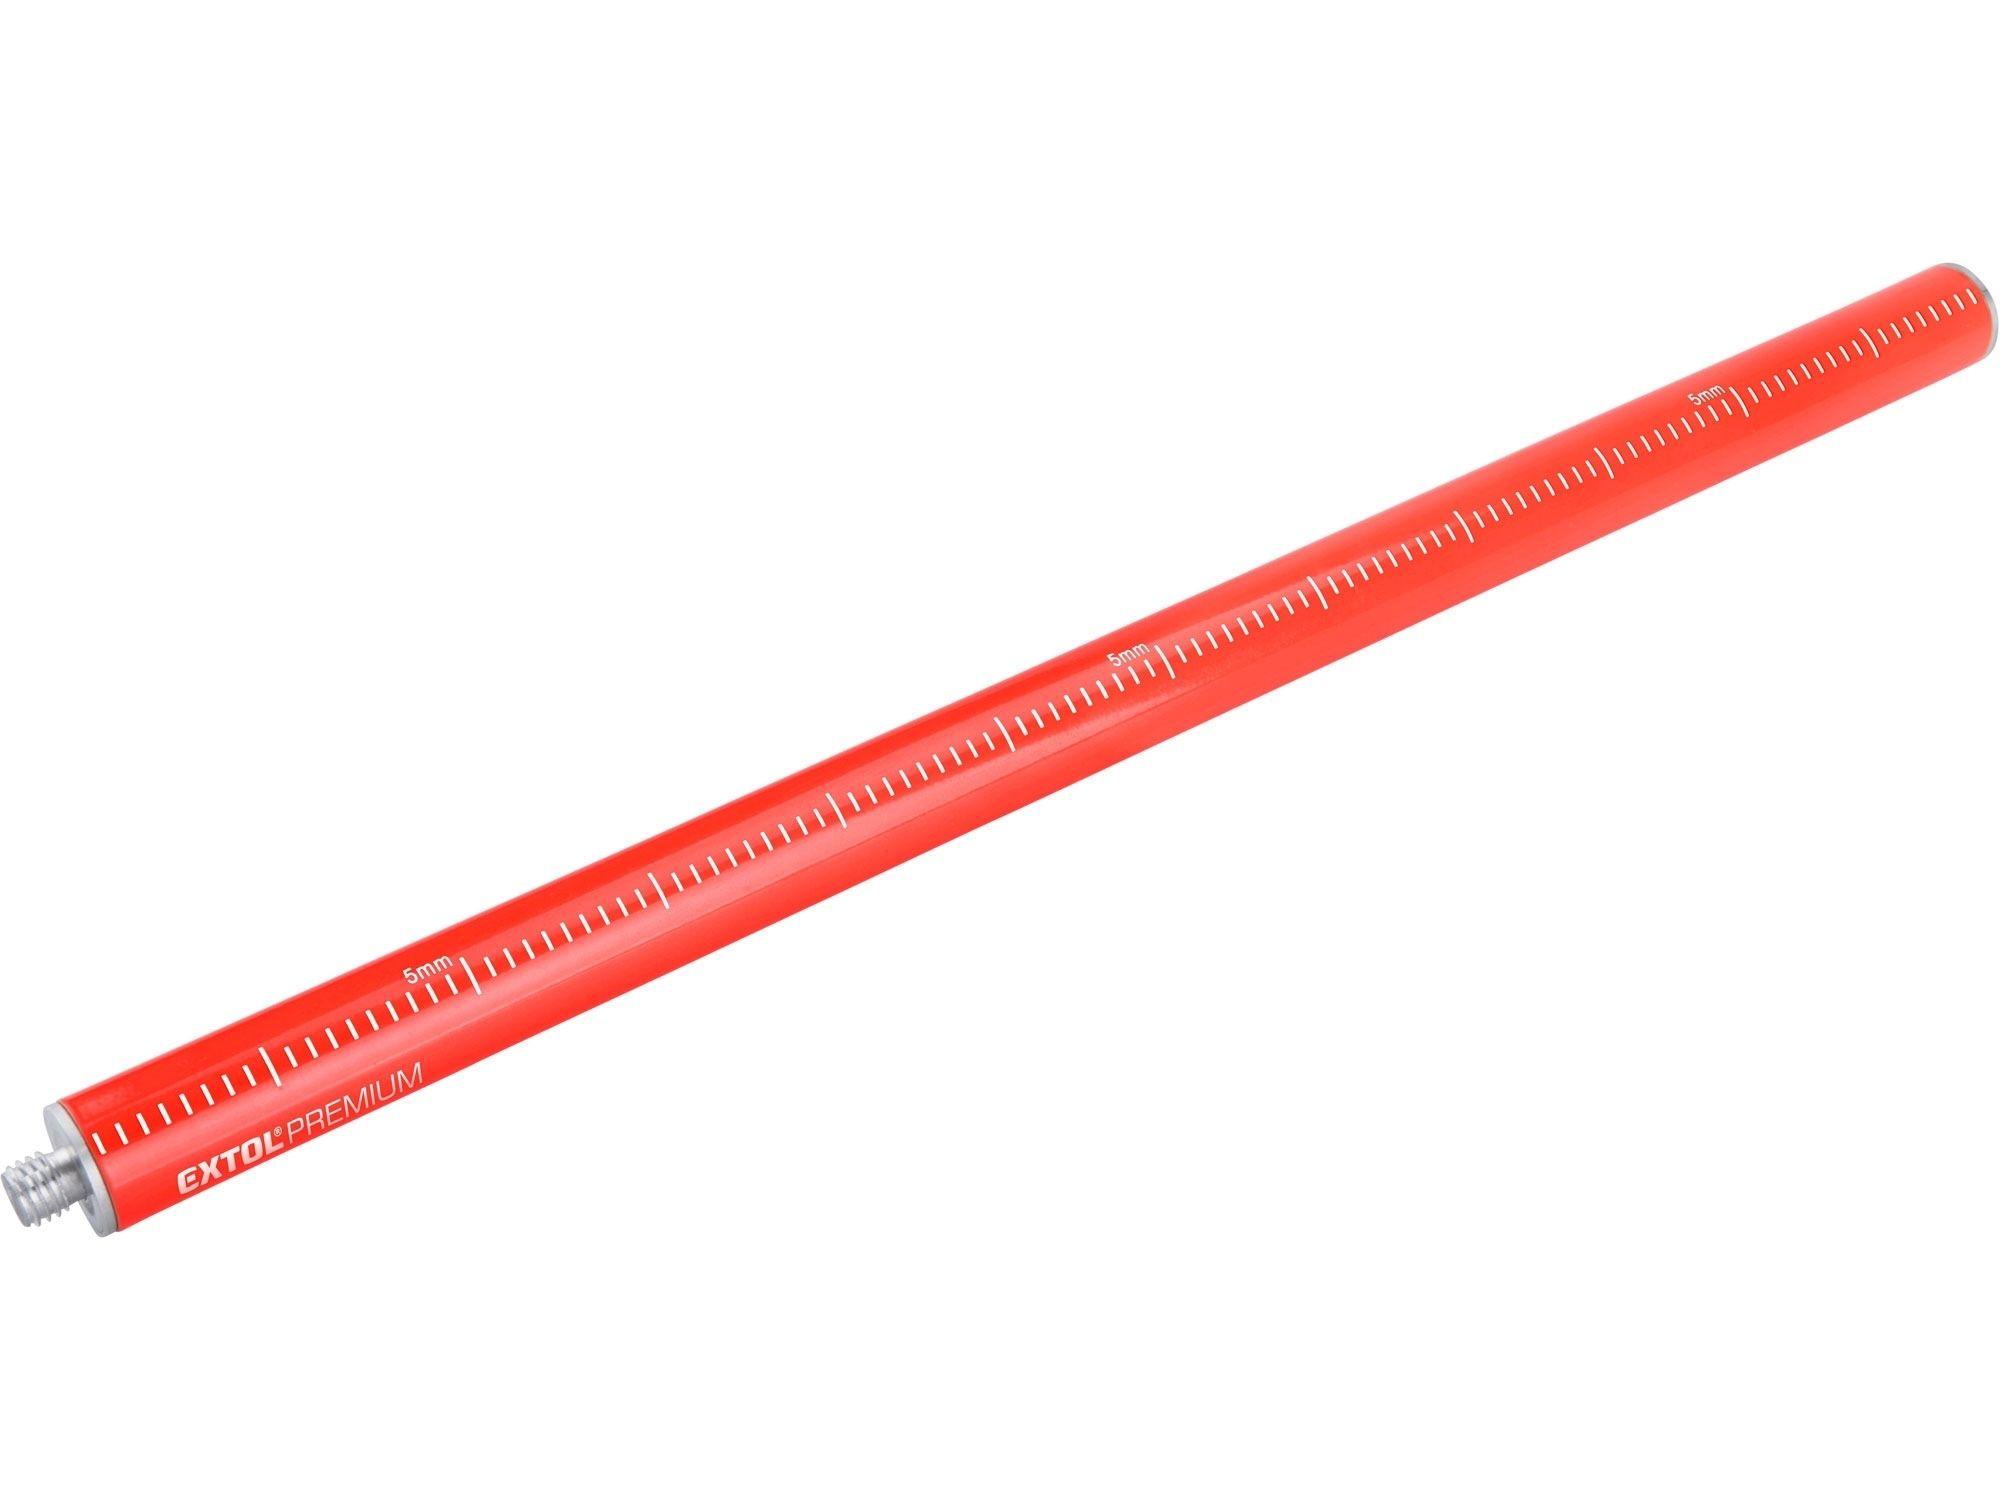 Přídavná tyč, pro 8823906, průměr 32mm, délka 59cm EXTOL PREMIUM